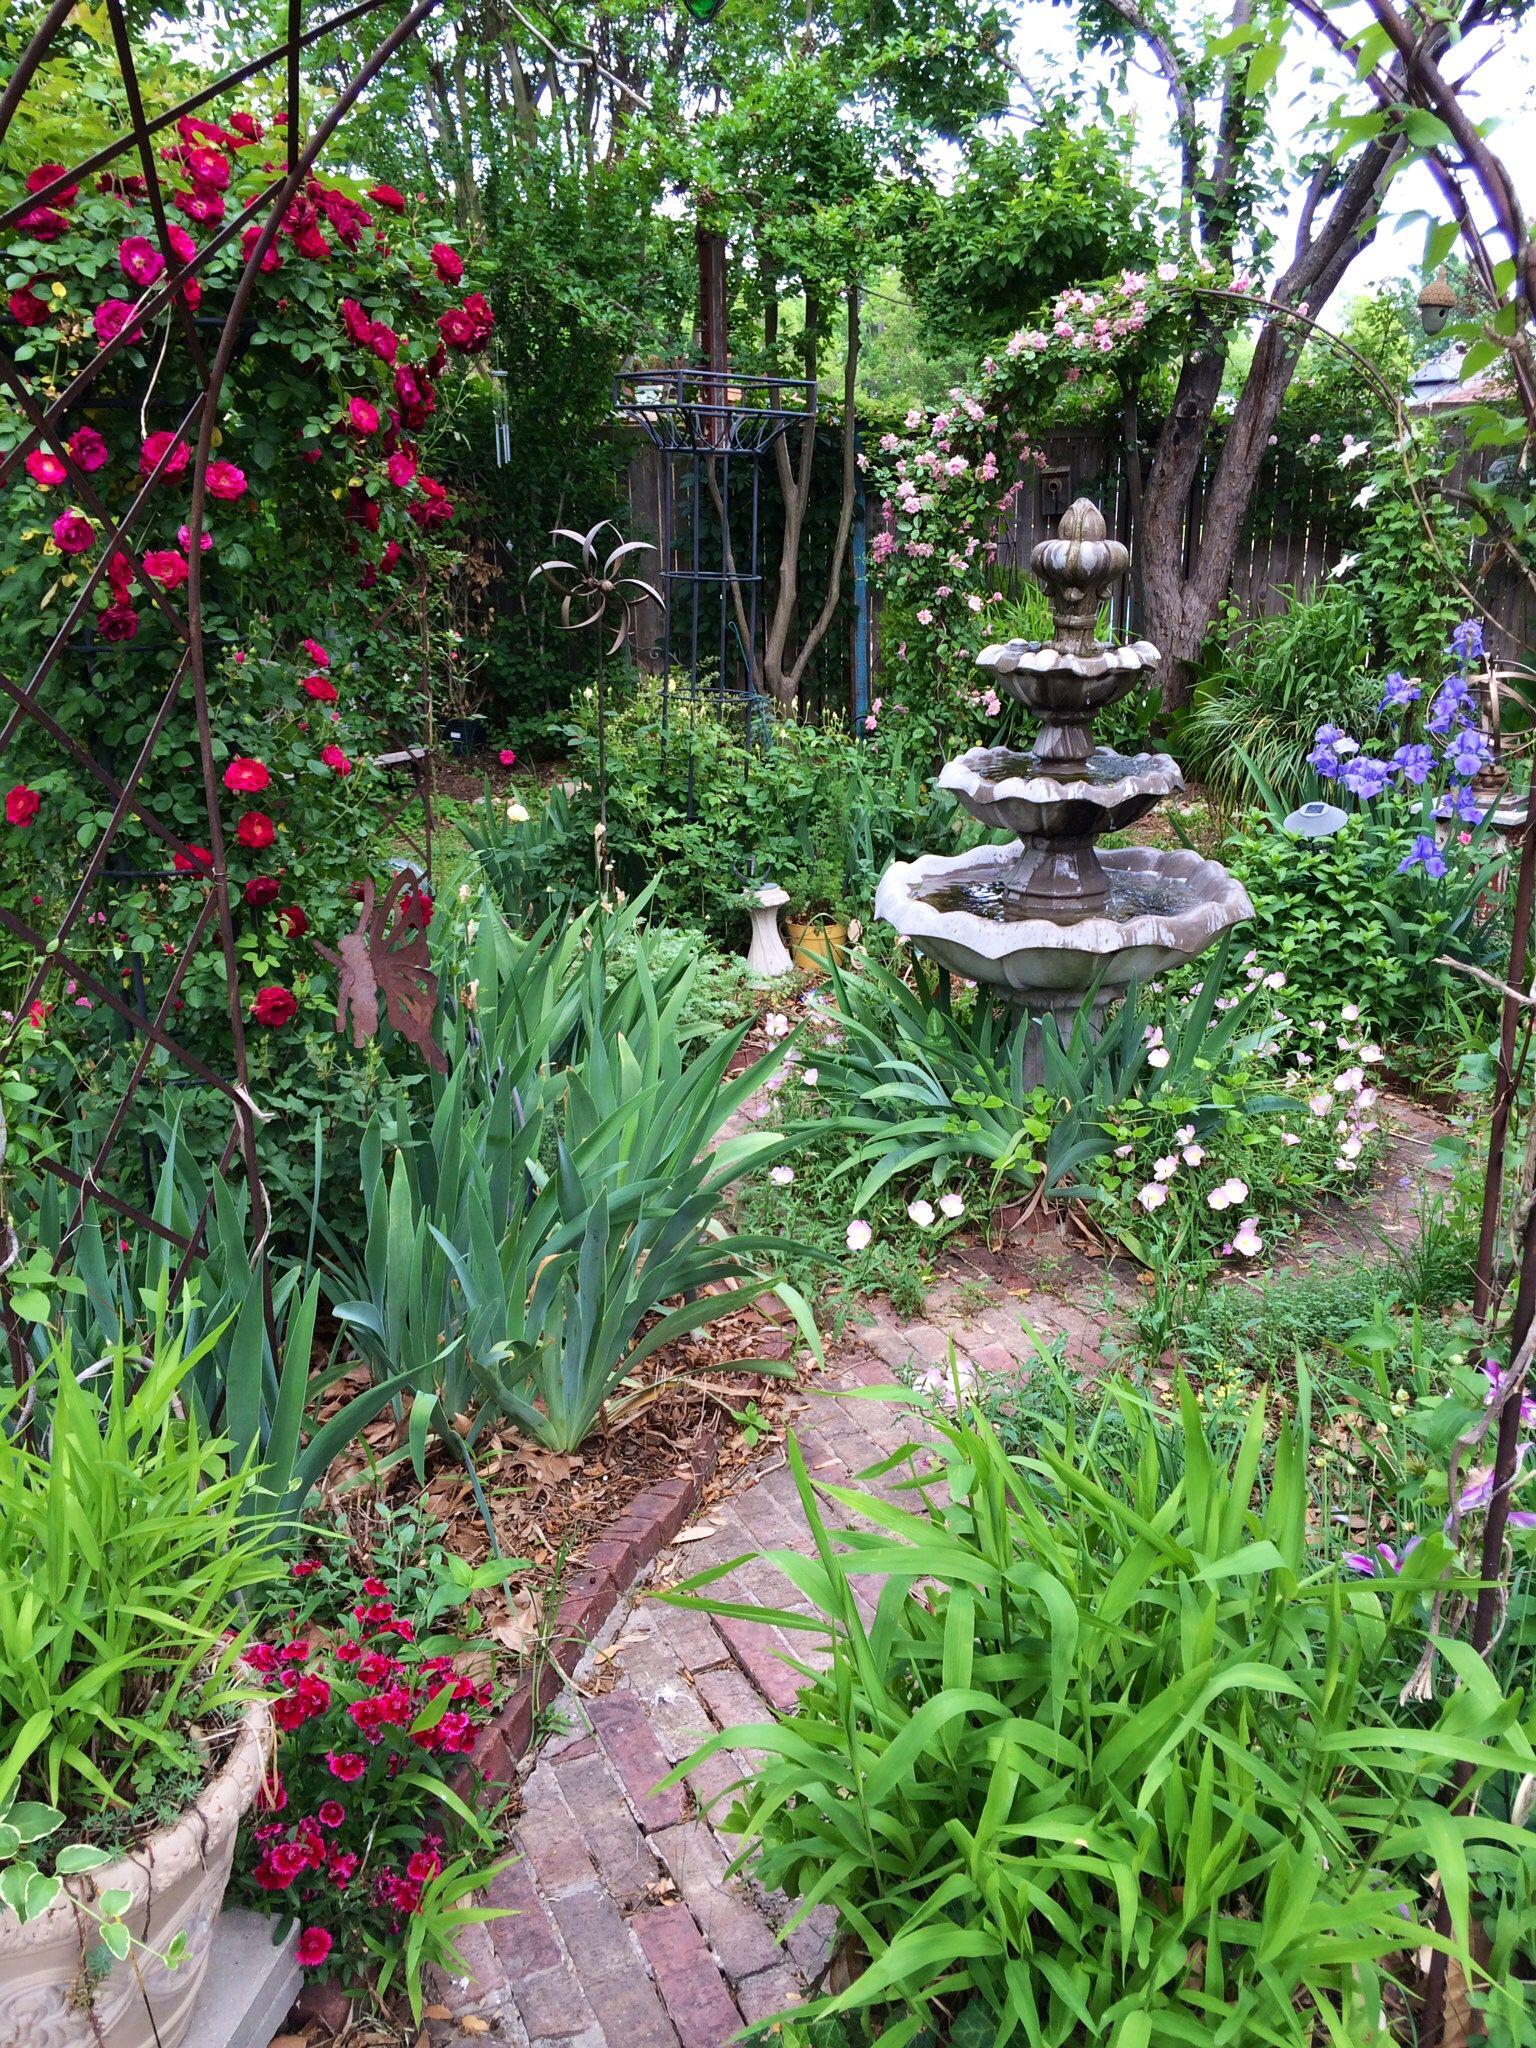 Roses, iris, and evening primrose